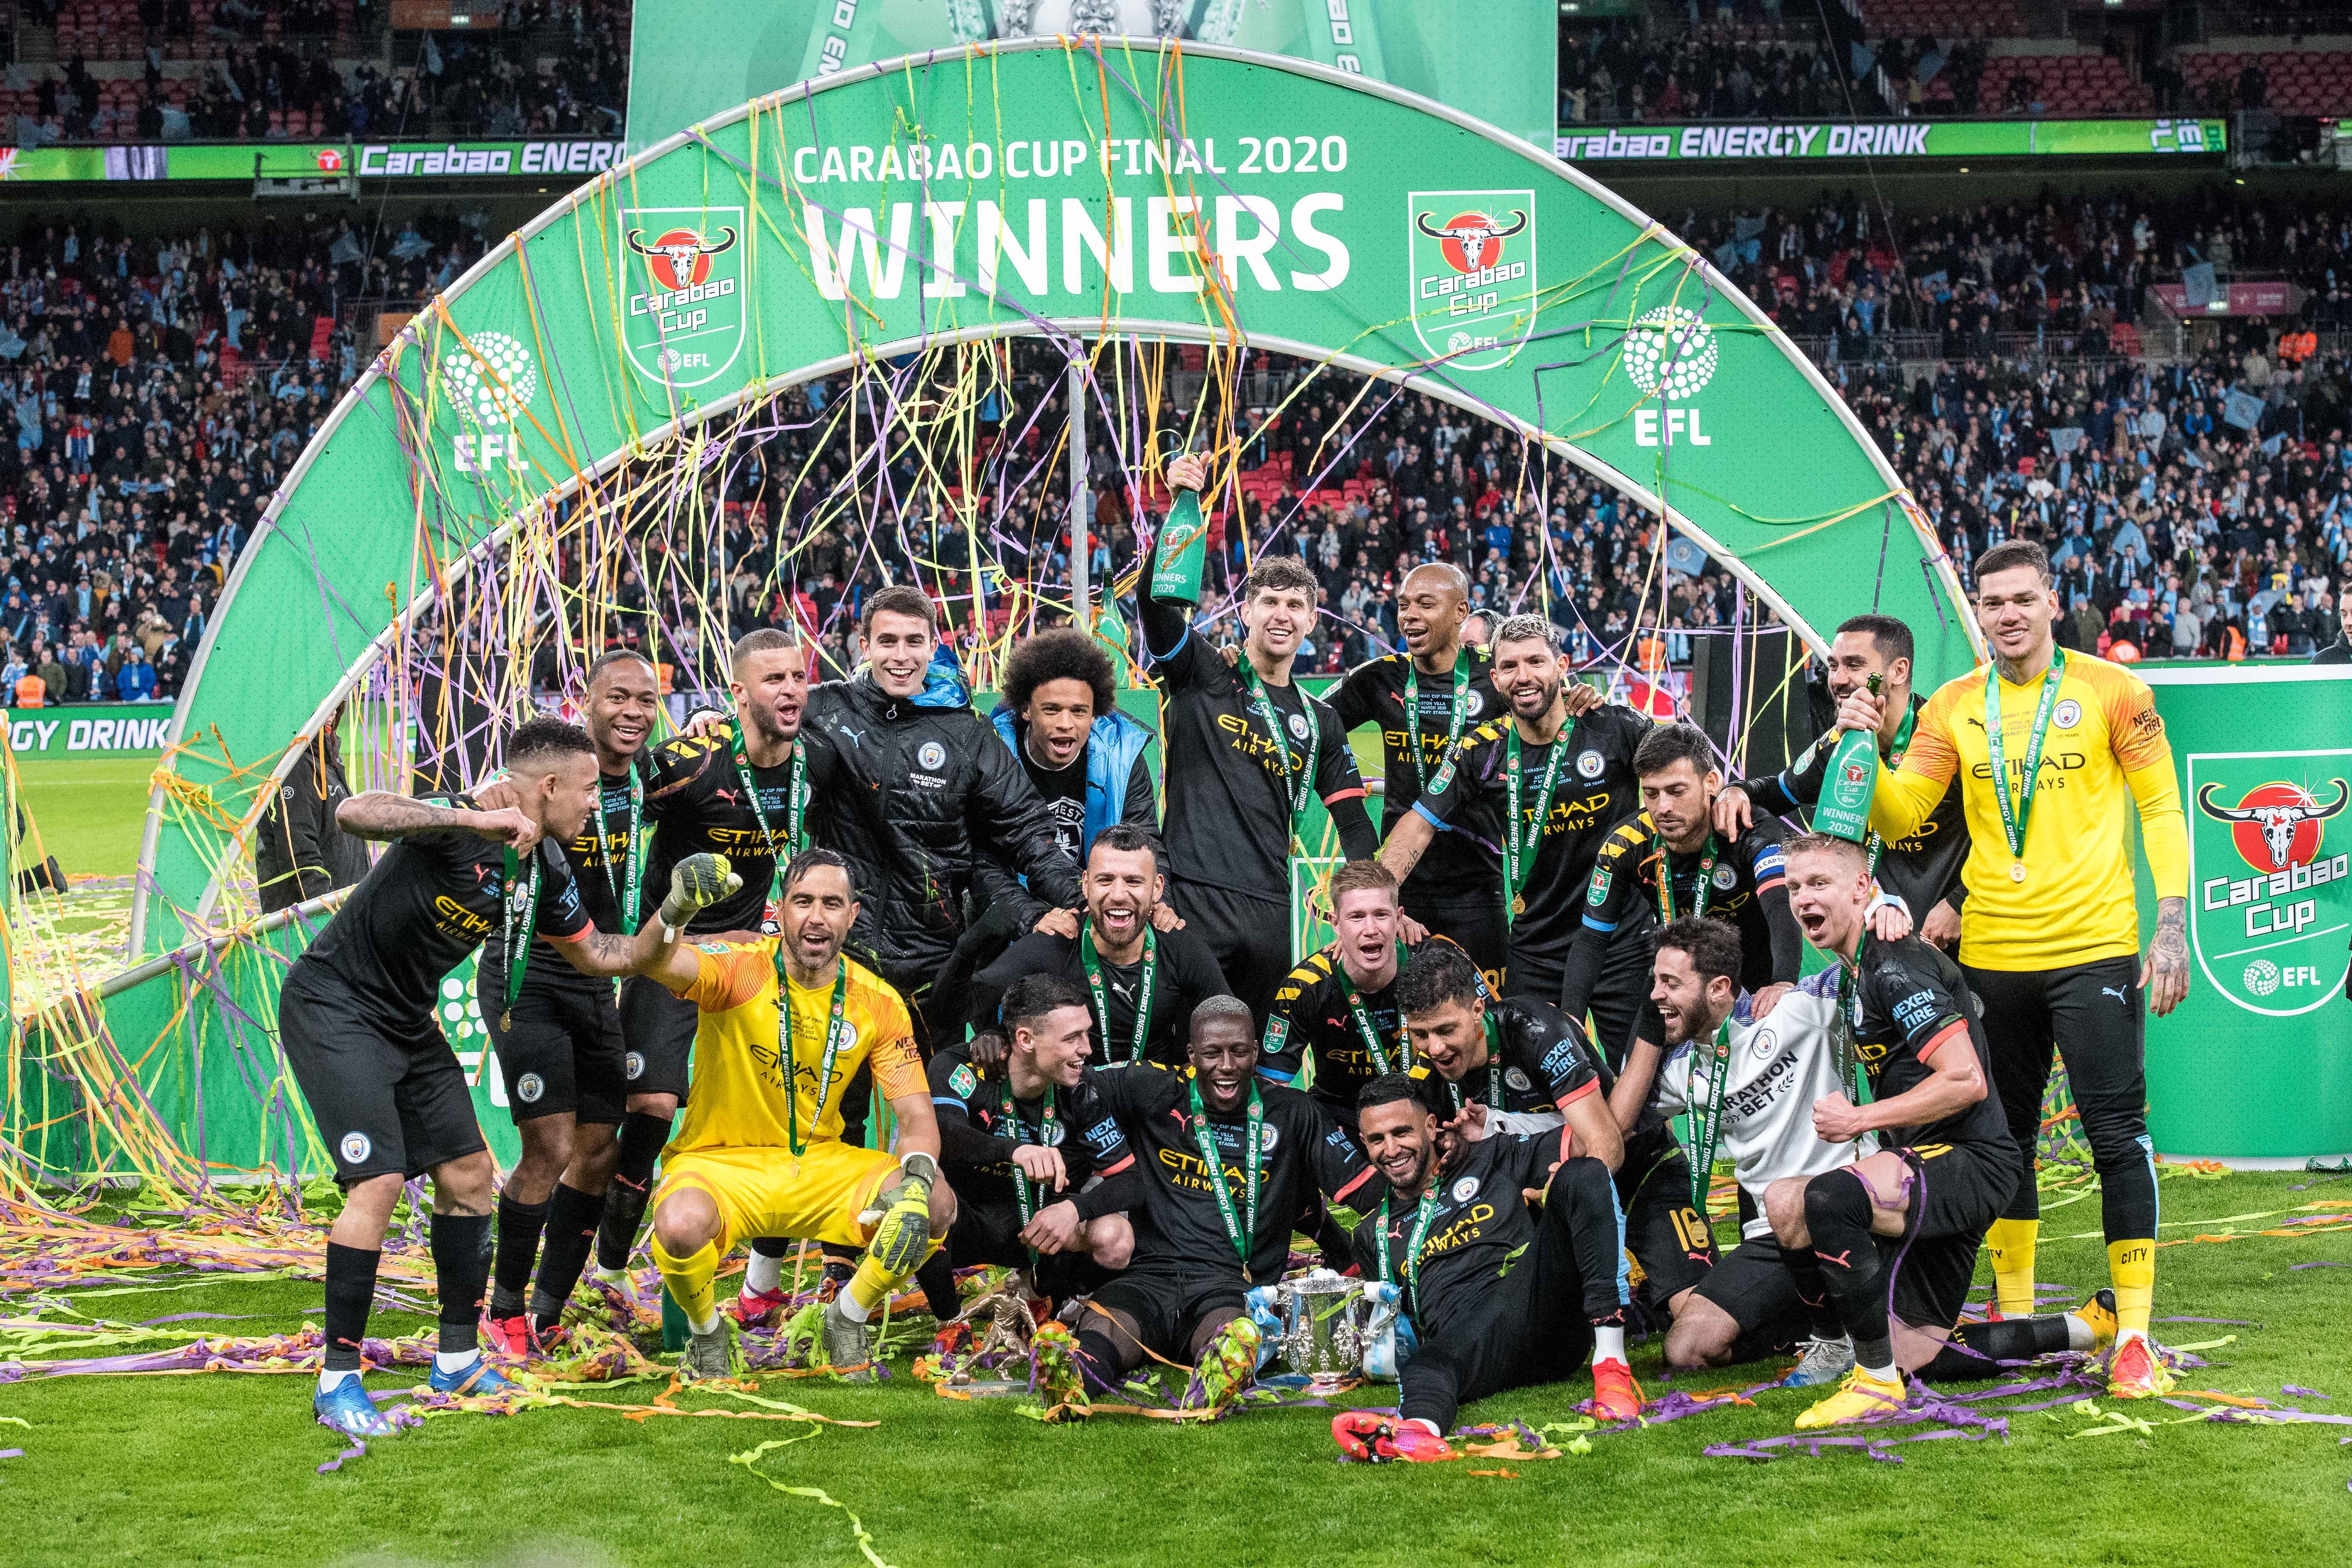 Aston Villa v Manchester City - Carabao Cup Final